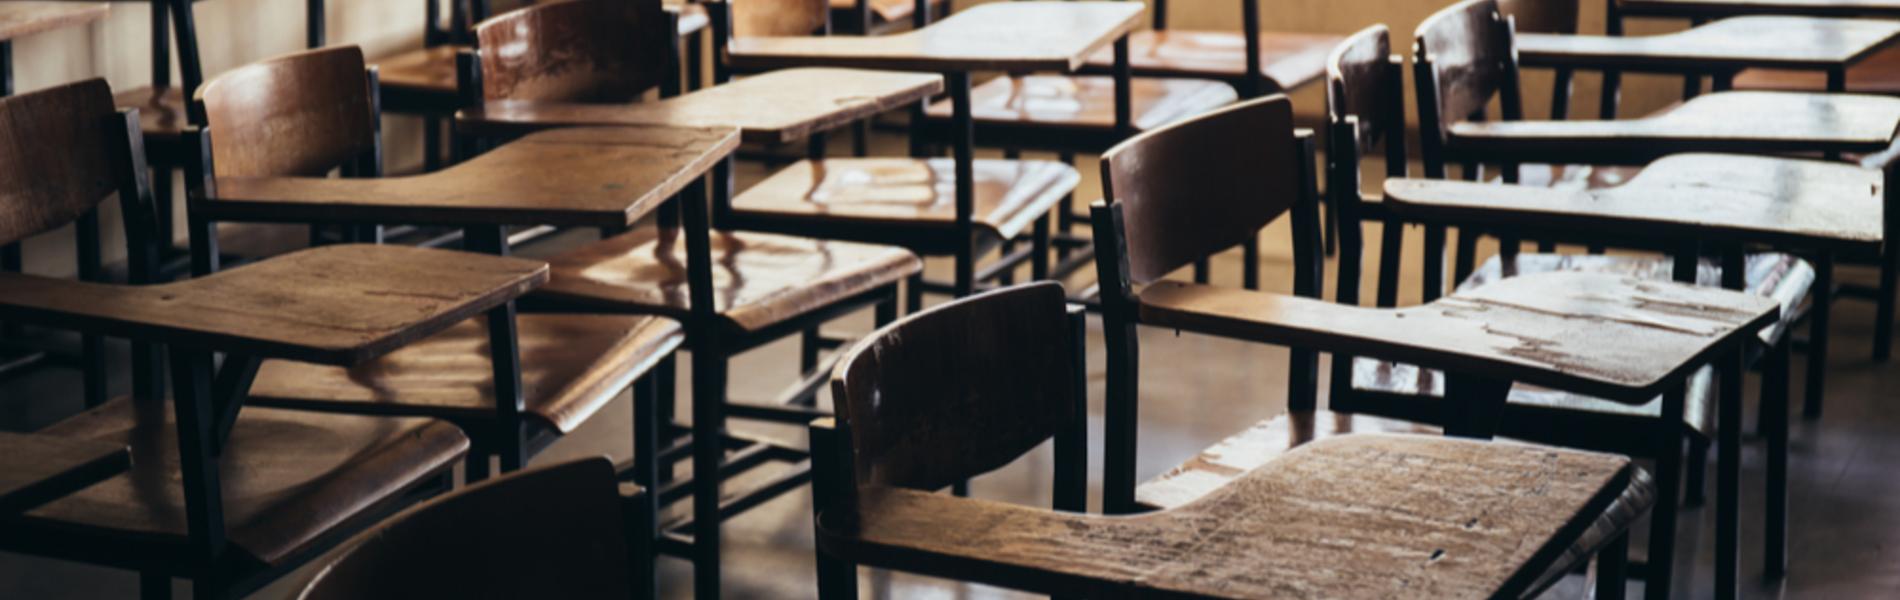 מנהלת בית ספר: יש עובדי הוראה שלא מצליחים לגמור את החודש